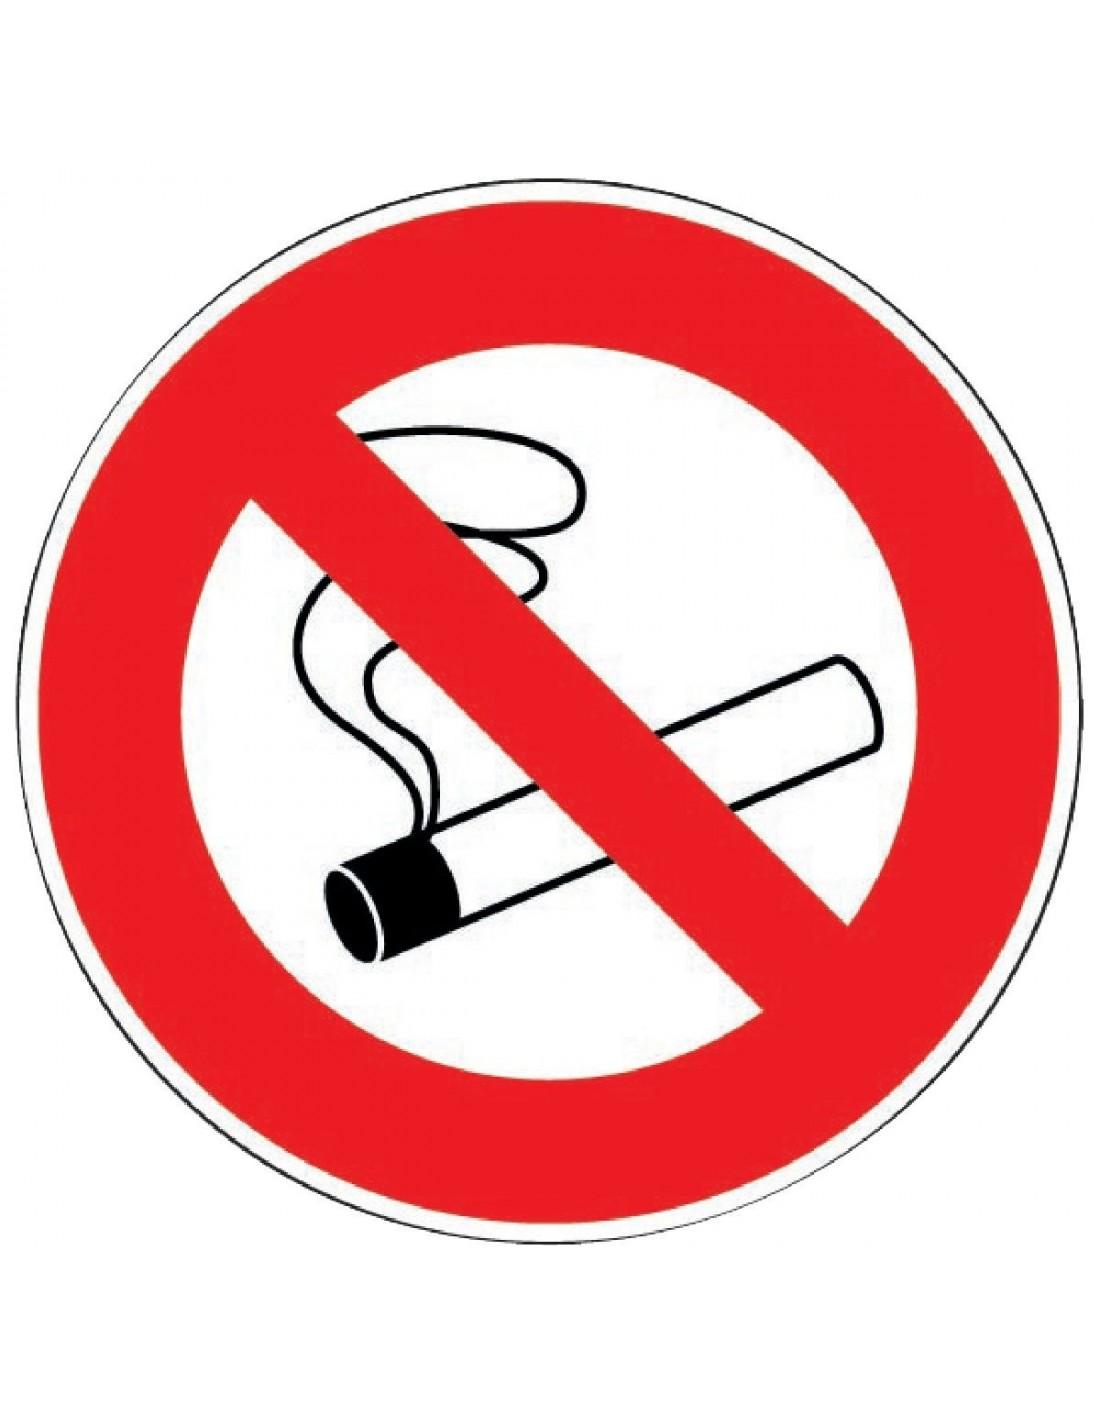 signalisation fumeur non fumeur panneaux et pictogrammes seton fr logo interdiction de fumer. Black Bedroom Furniture Sets. Home Design Ideas